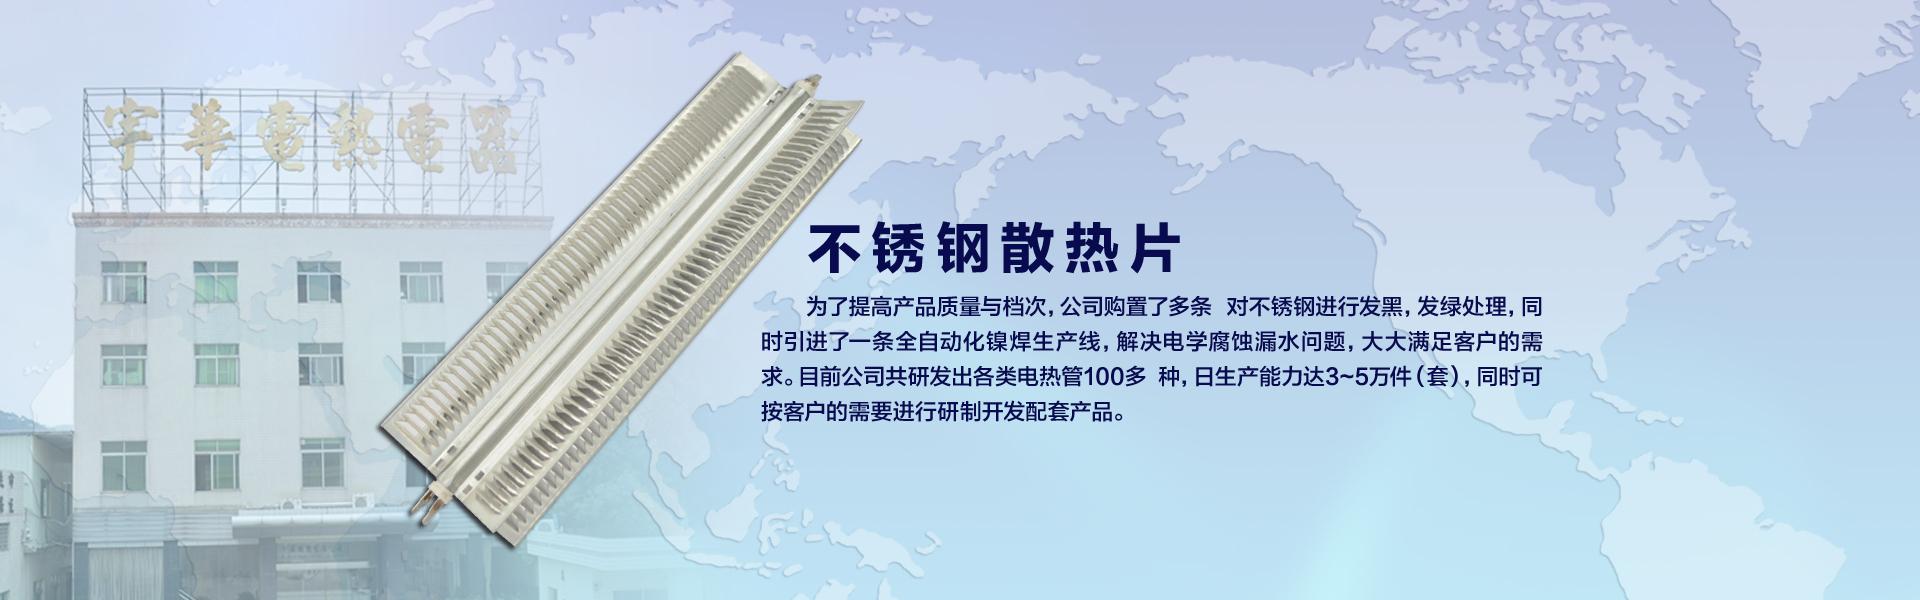 www.536488.com专业生产即热电热水器,家用电热水器,单头电热管,不锈钢电热管和不锈钢电加热管。